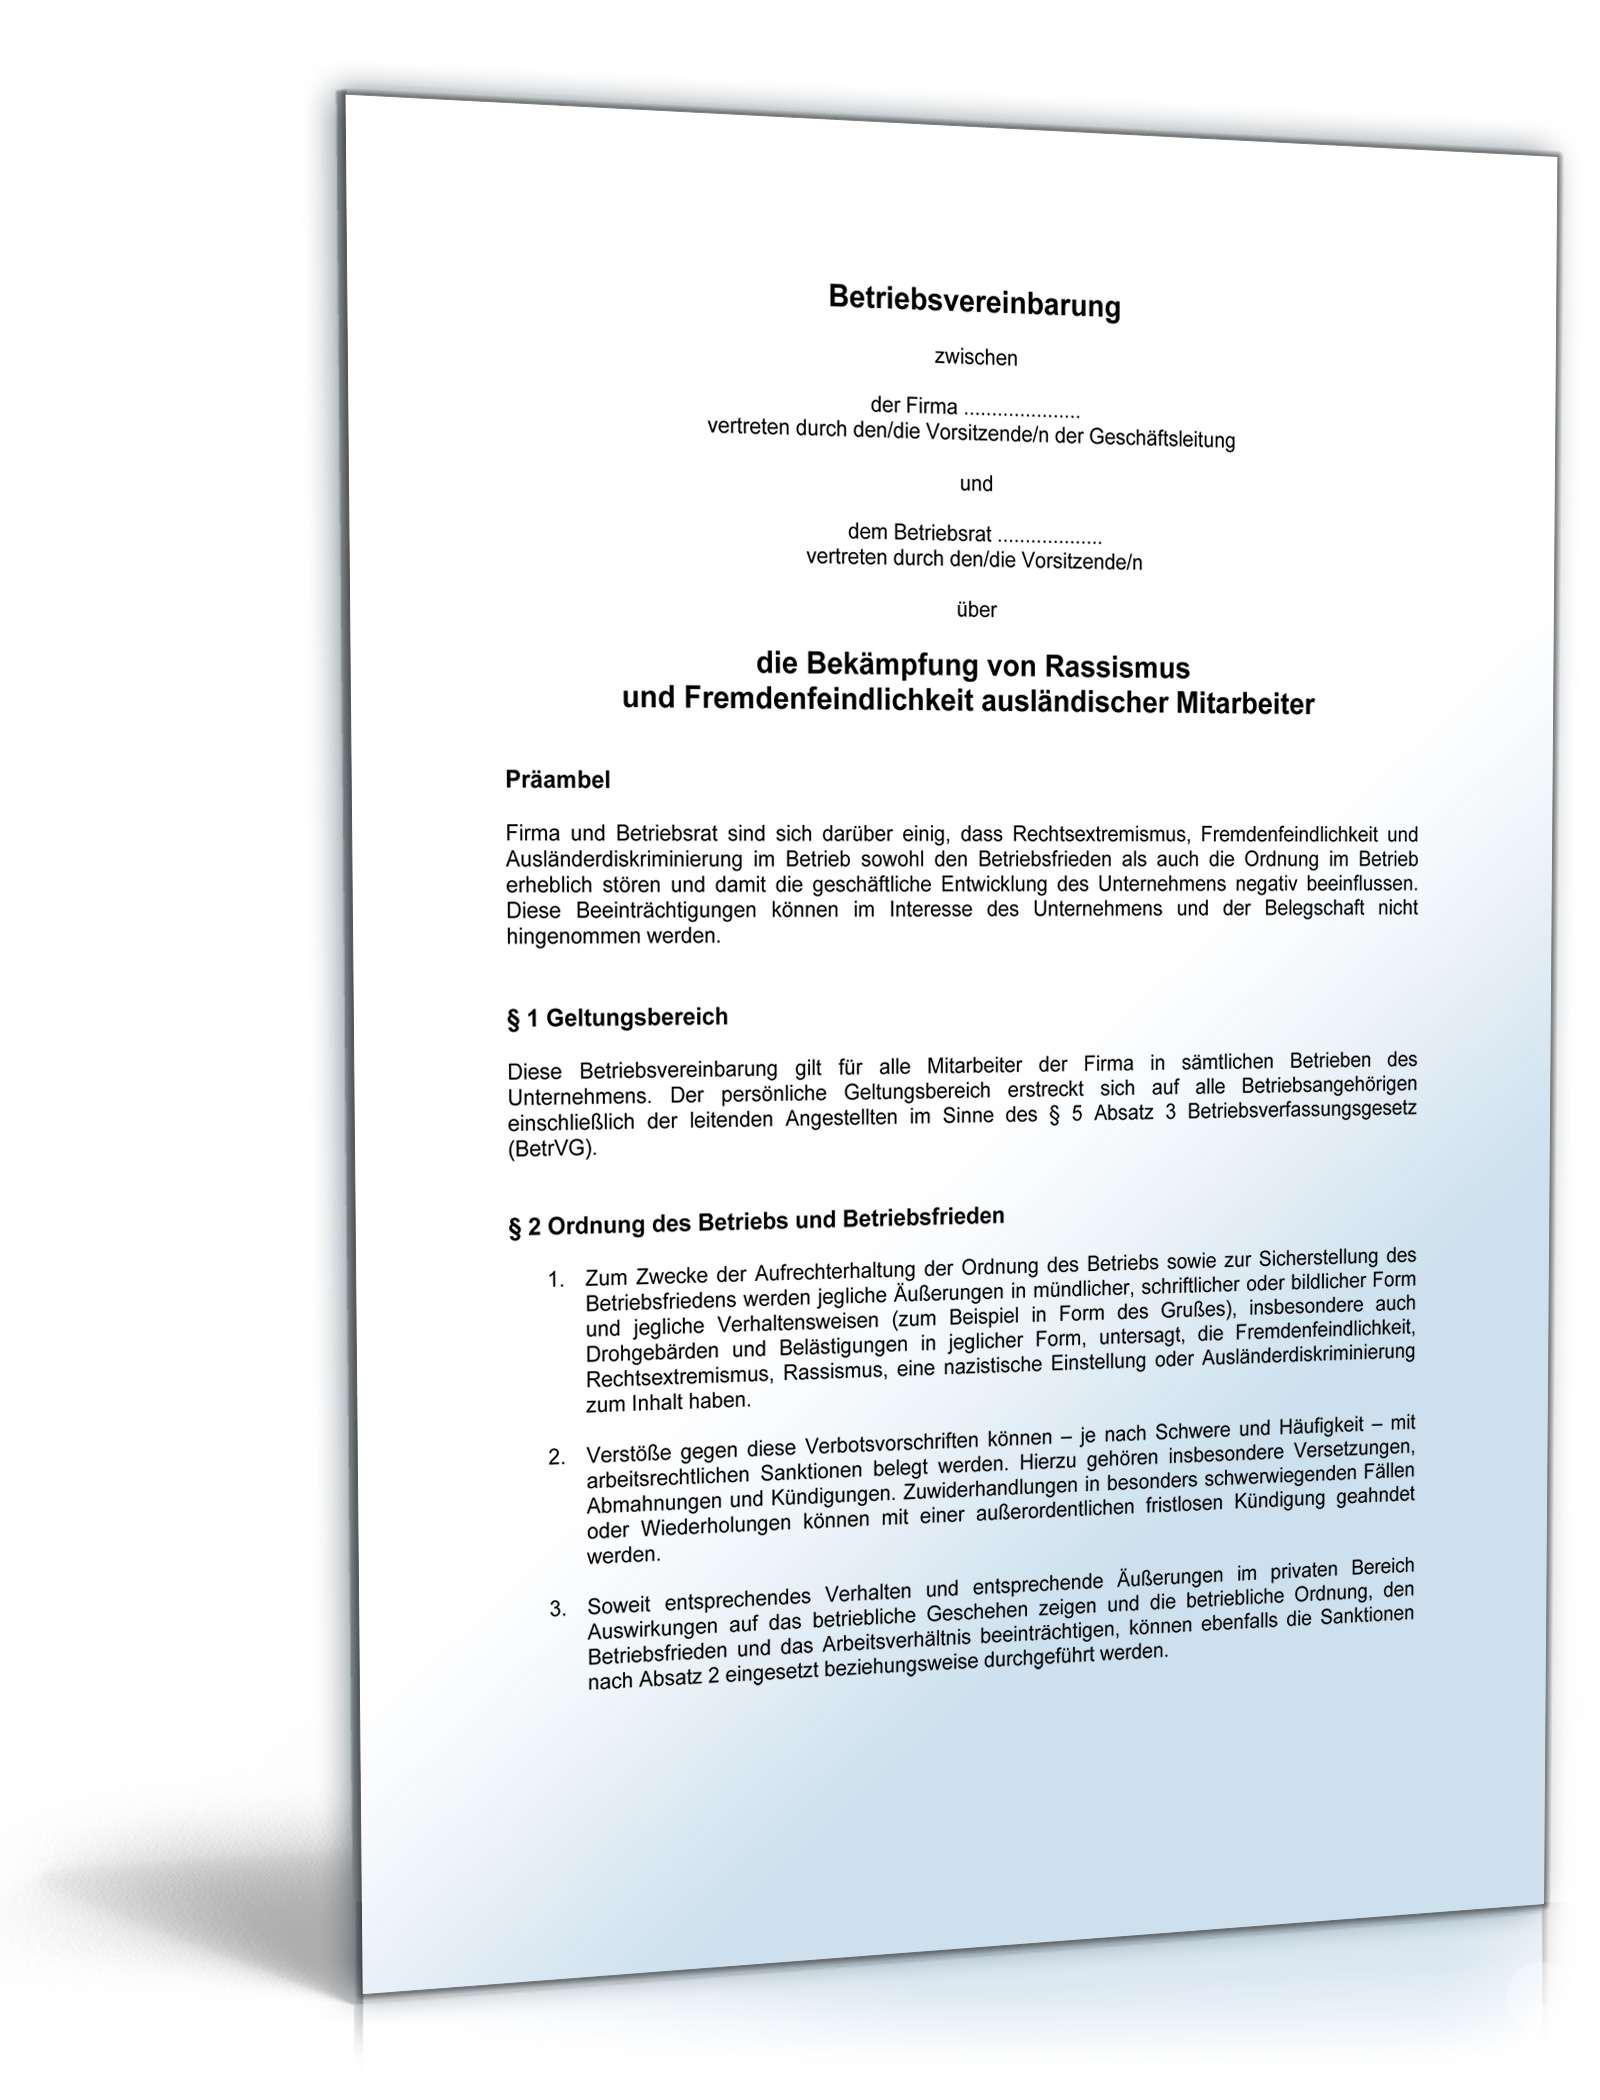 Betriebsvereinbarung Bekämpfung Rassismus Muster Vorlage Zum Download